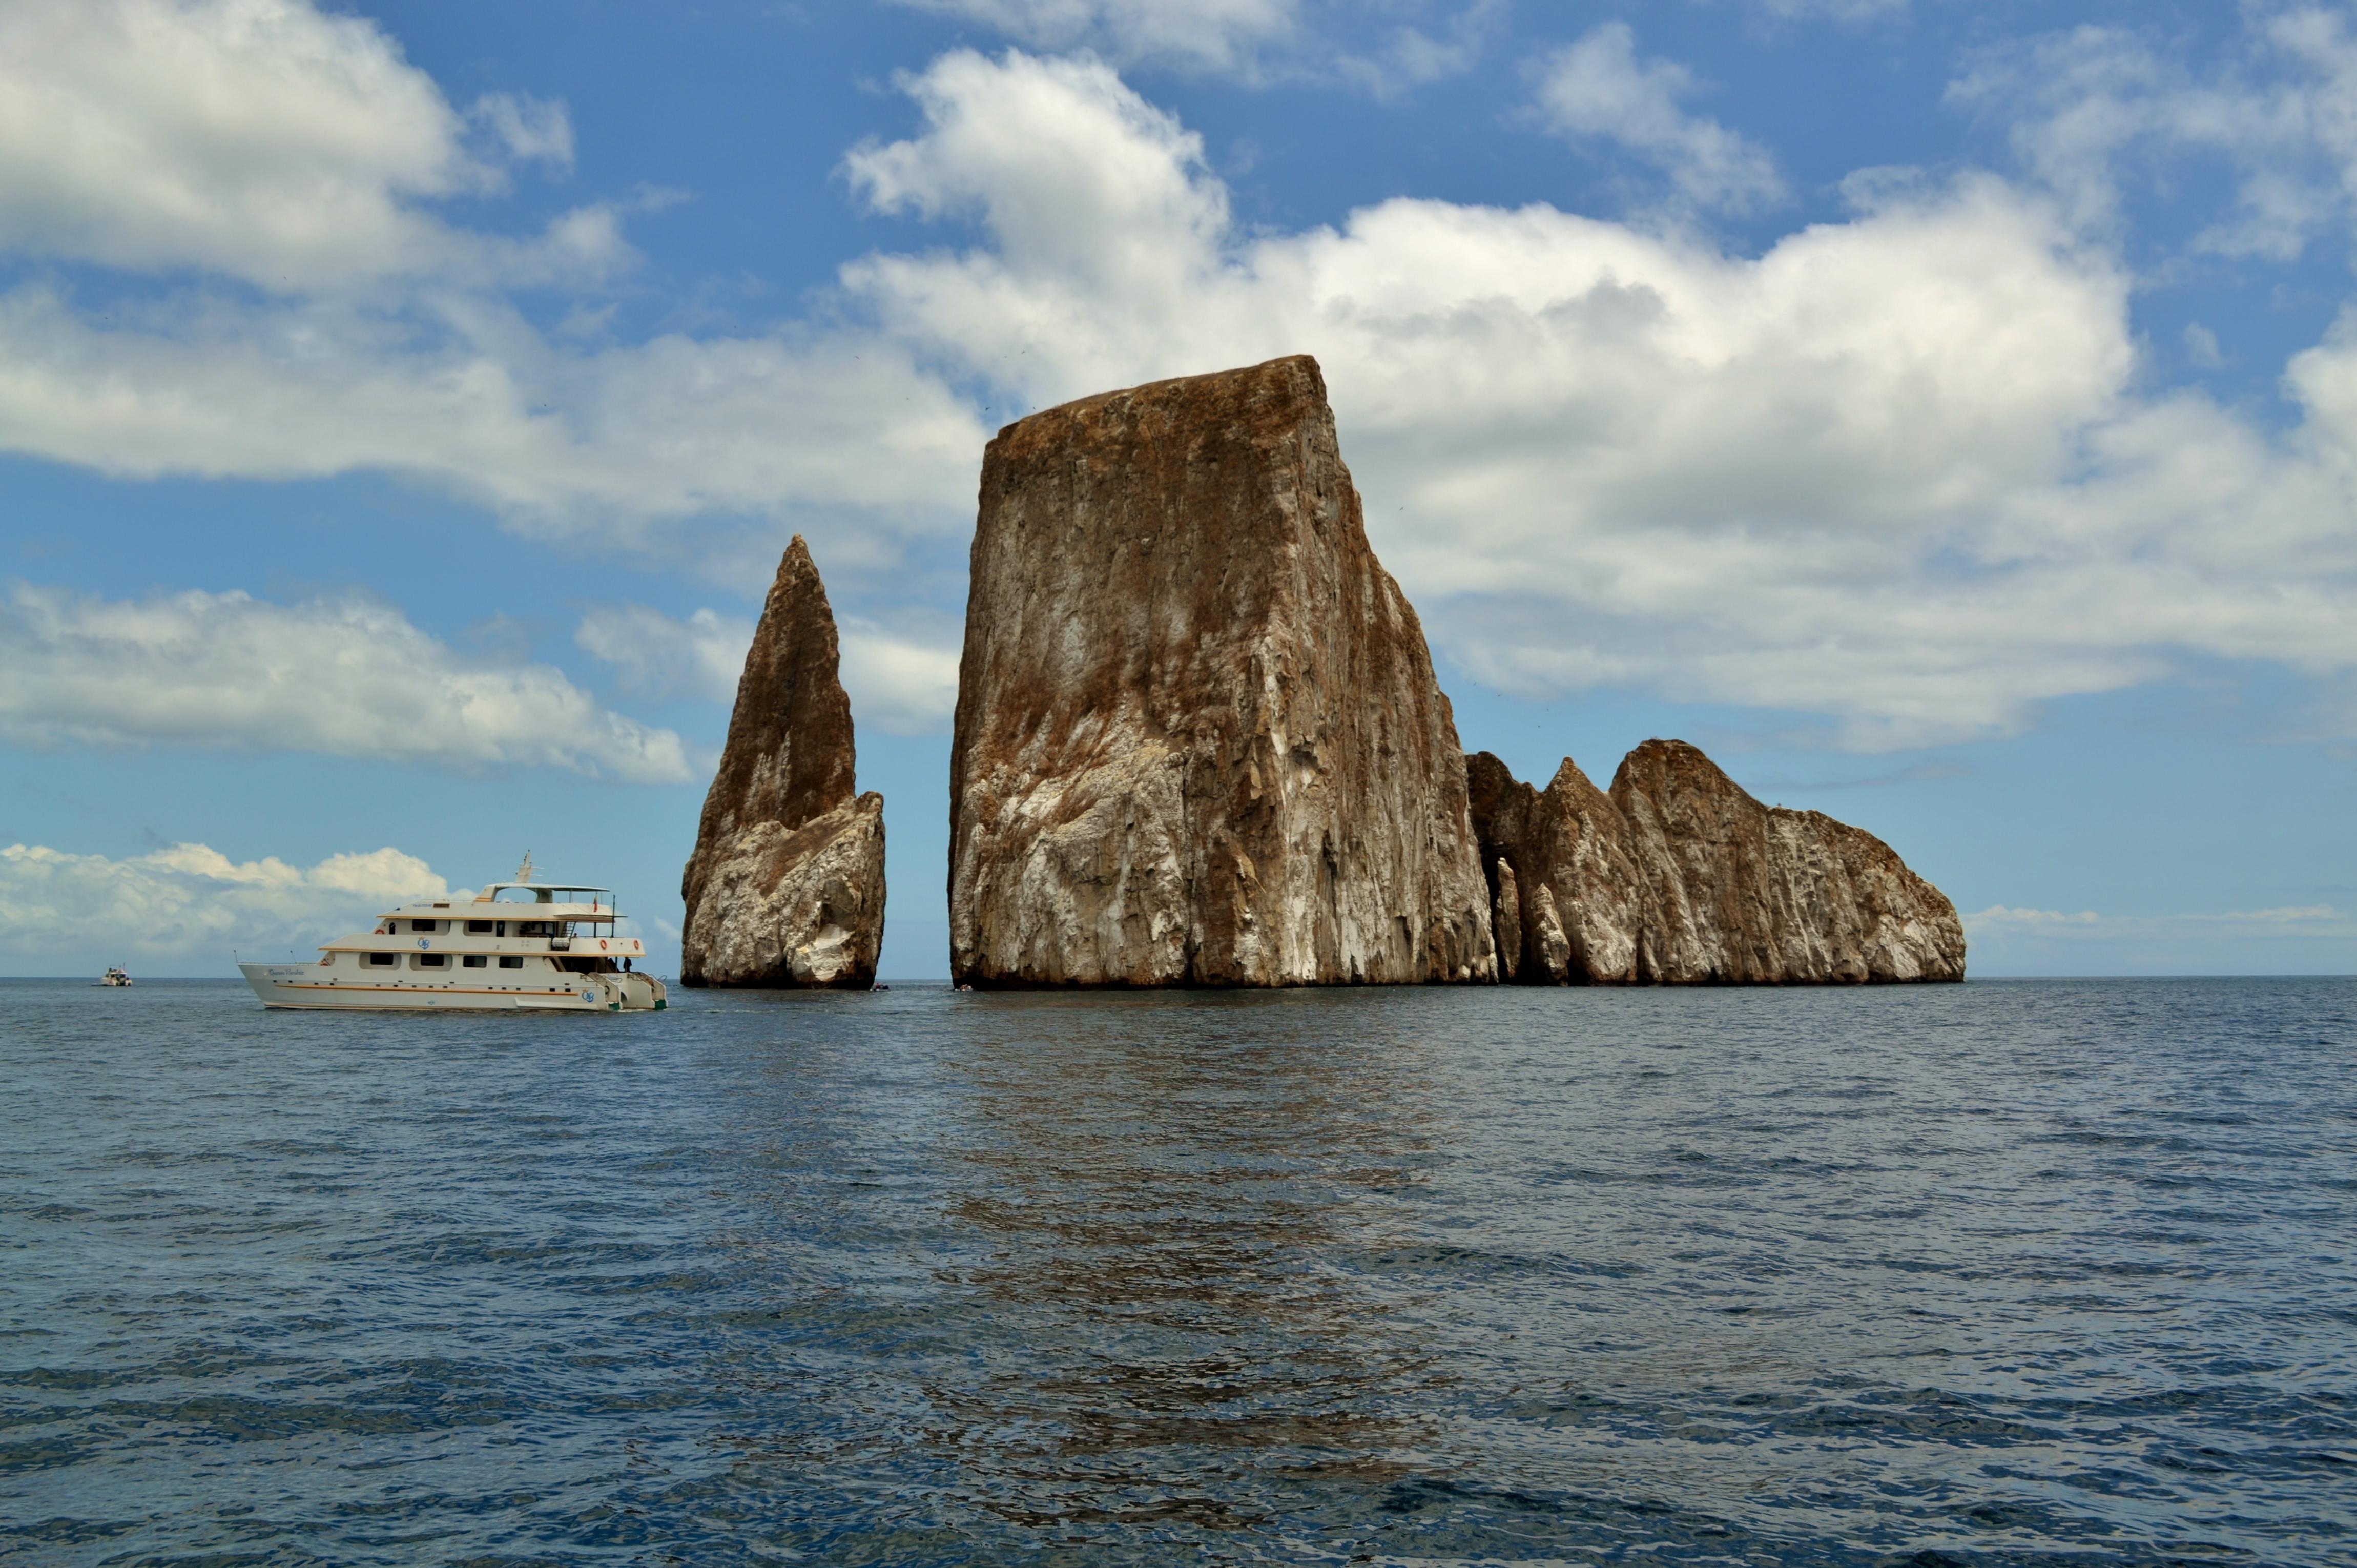 Islas de Galapagos leon dormido kicker rock